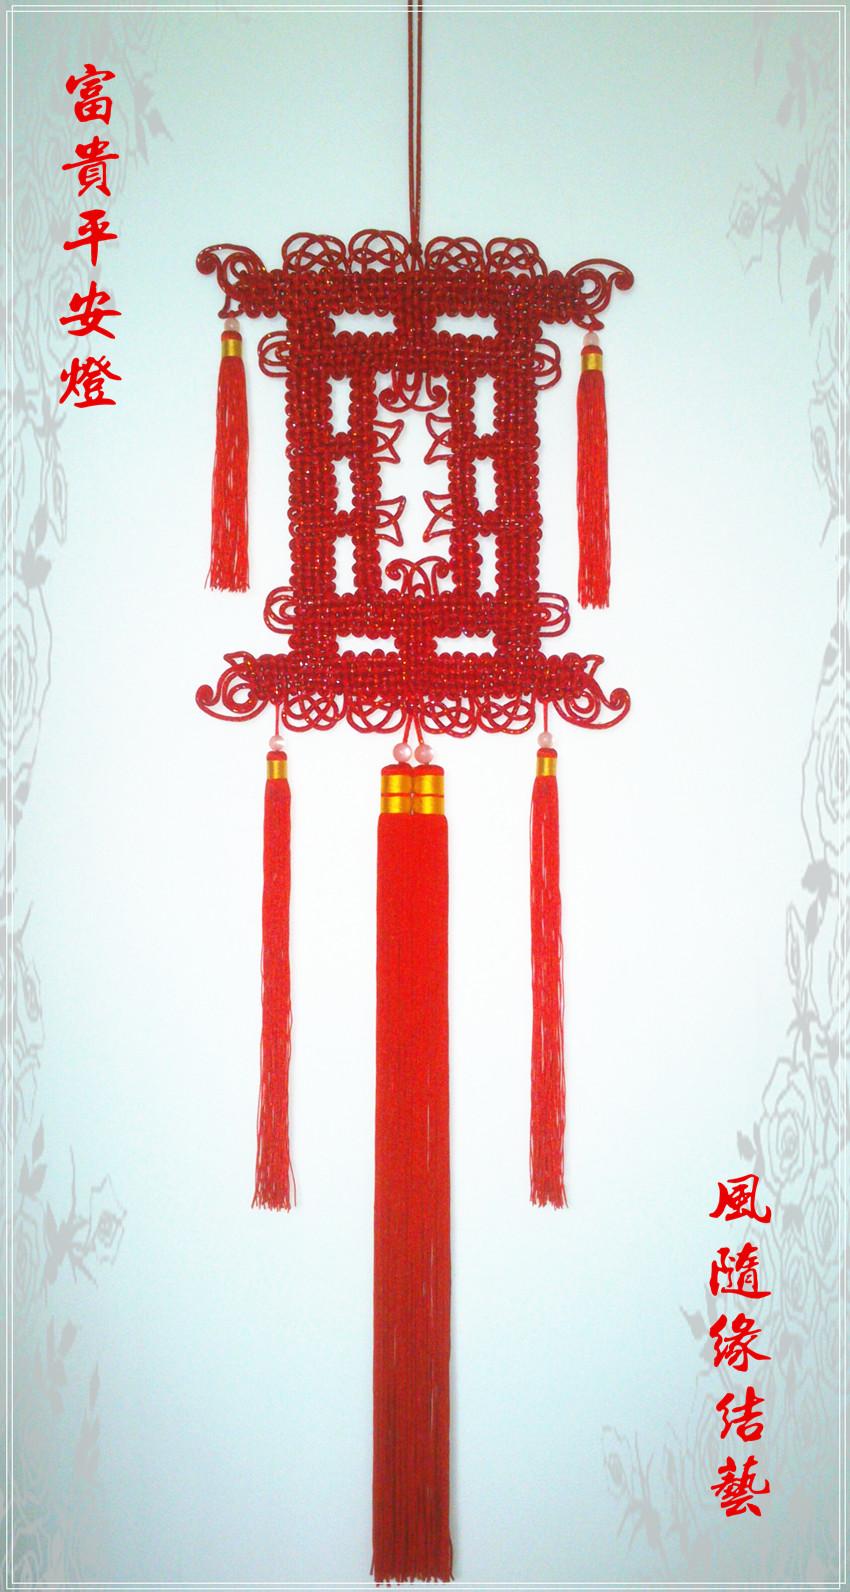 中国结论坛 富贵平安灯----创意作品三周年纪念 平安,创意 作品展示 122438dkl3lq3elnkqnfu1